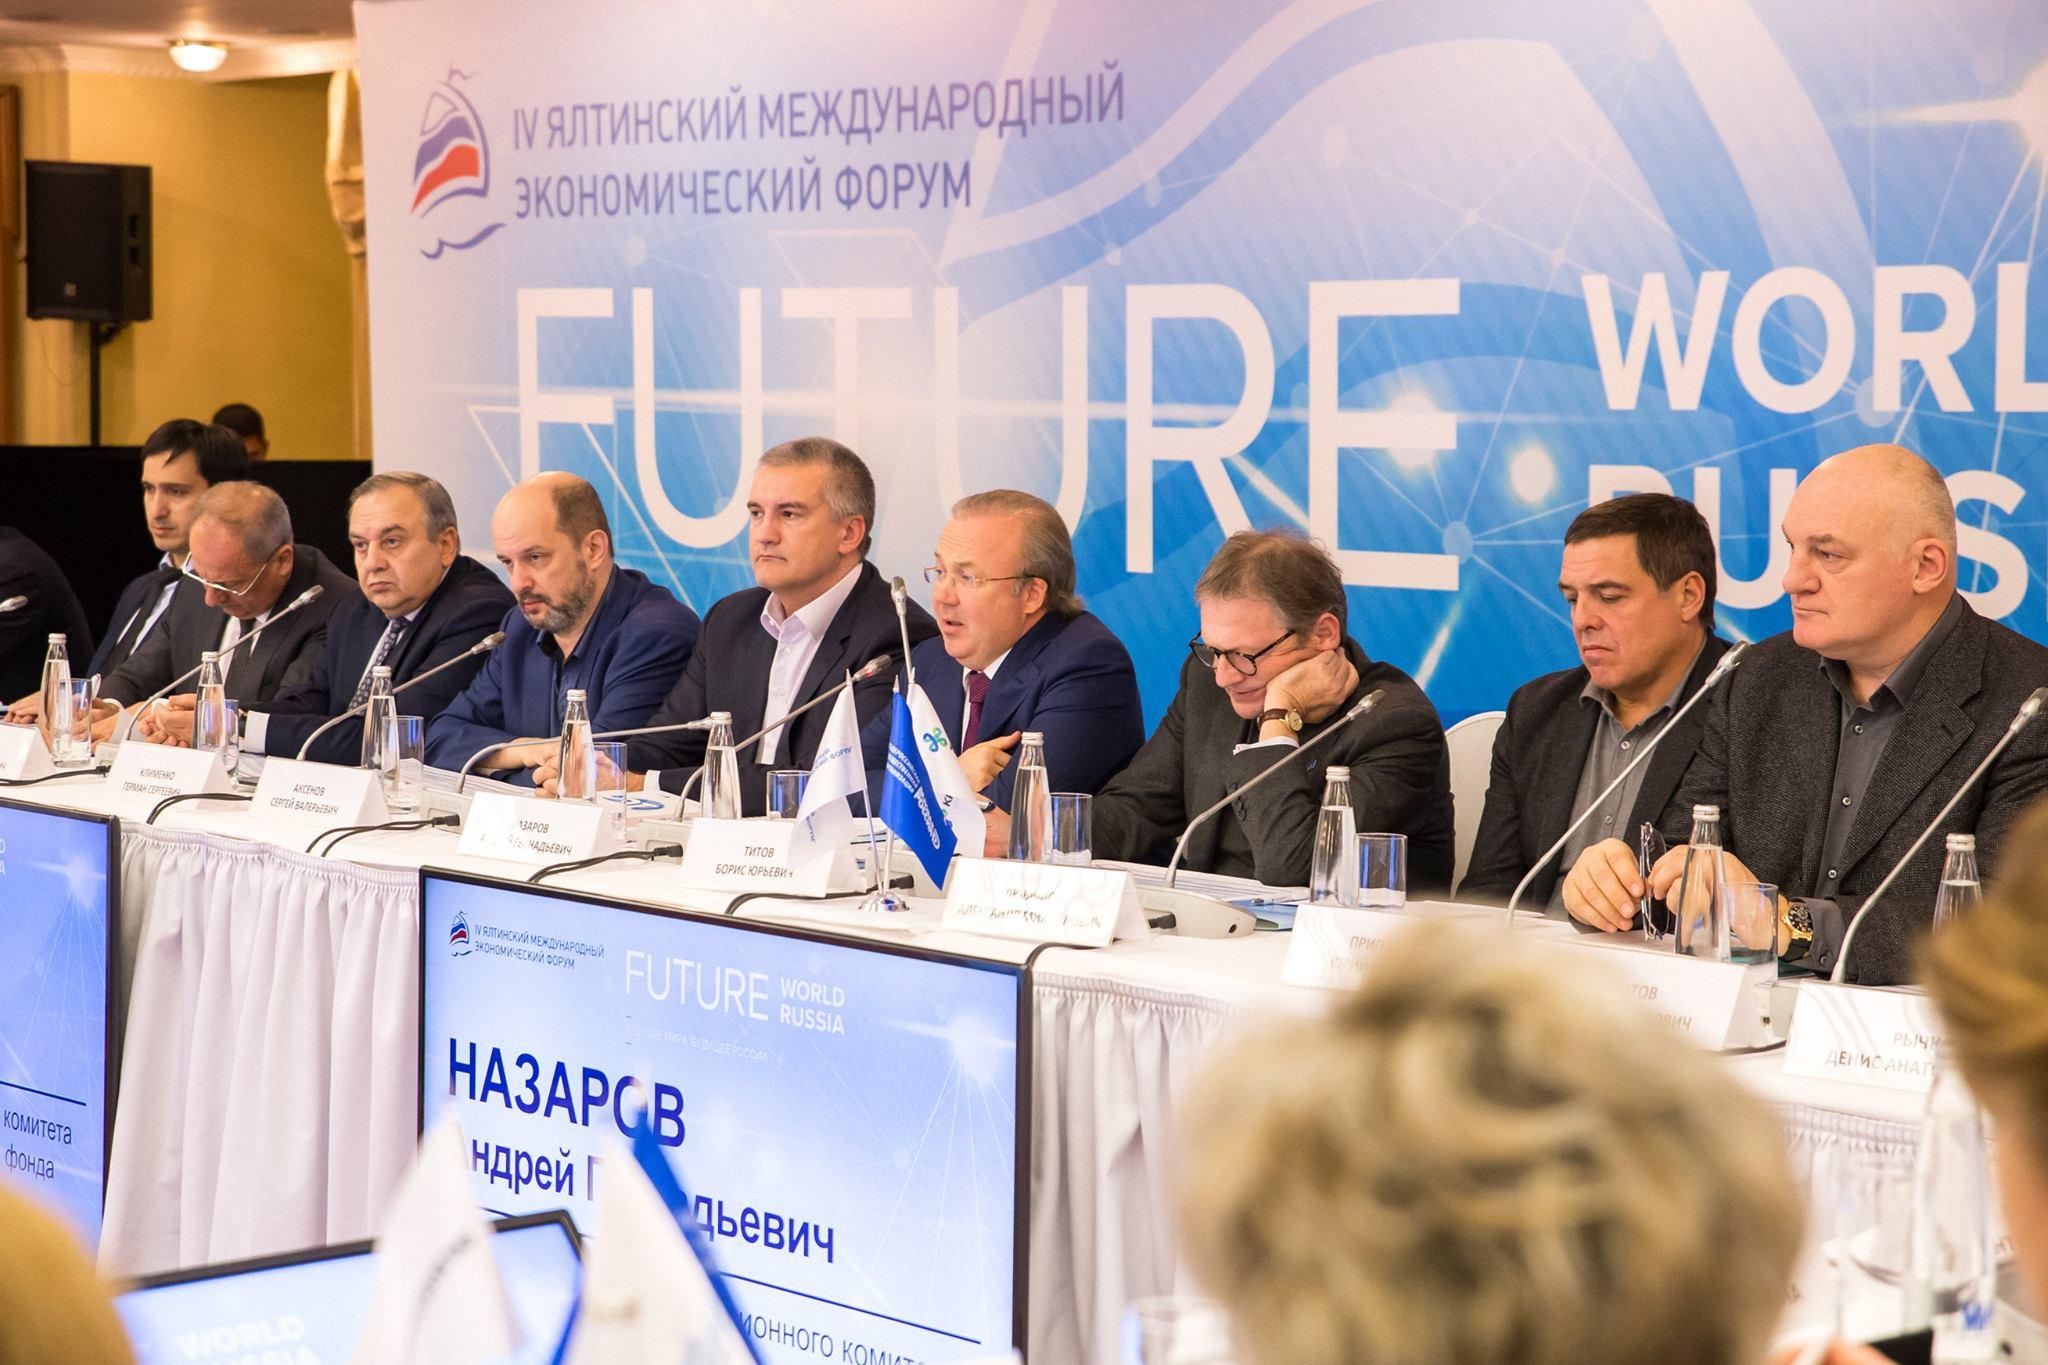 В Москве обсудили подготовку к Ялтинскому форуму